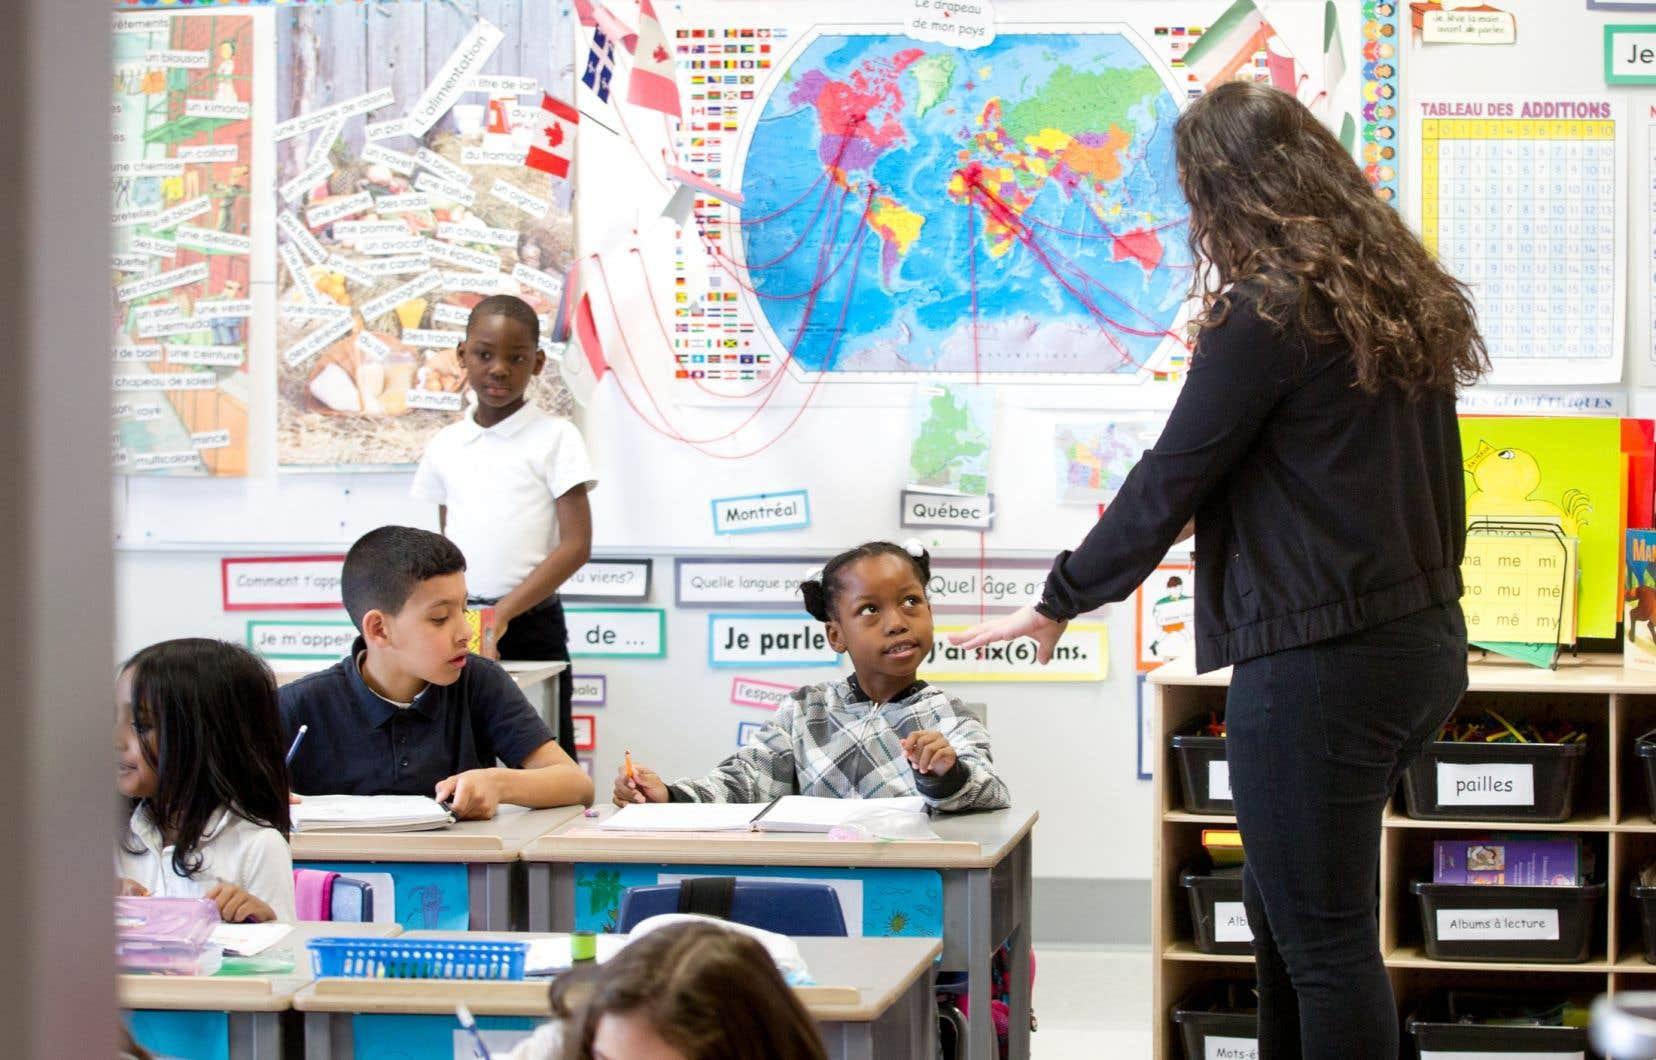 À Paris et à Montréal, le monde de l'éducation affronte les mêmes enjeux. Si le diagnostic est similaire des deux côtés de l'Atlantique — et parfois dans tout l'Occident —, les solutions peuvent varier.